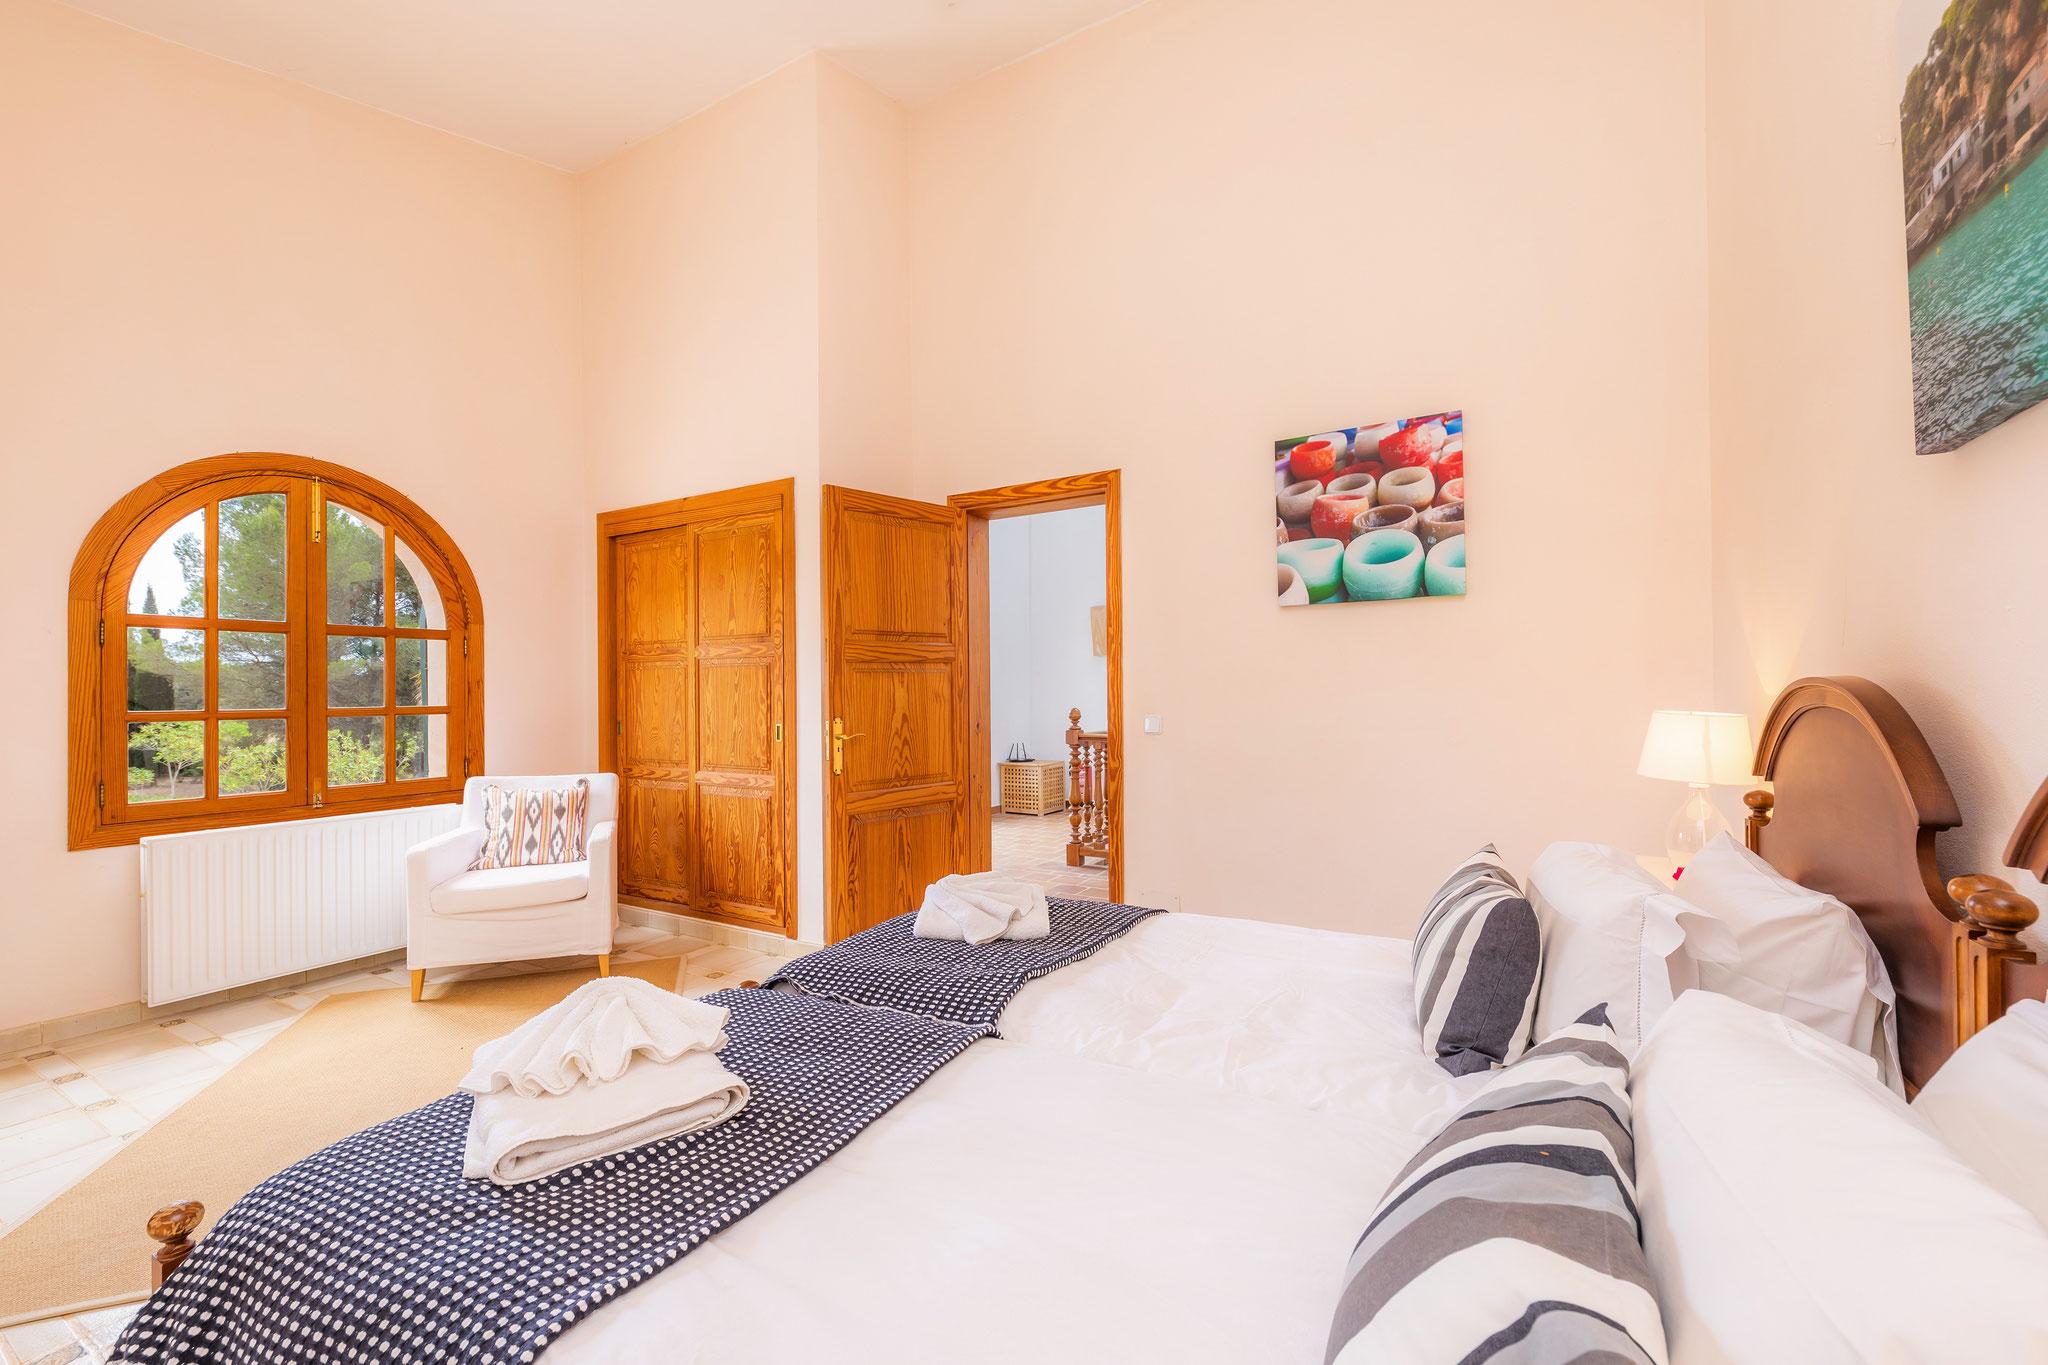 primera planta, dormitorio 1 con dos camas individuales